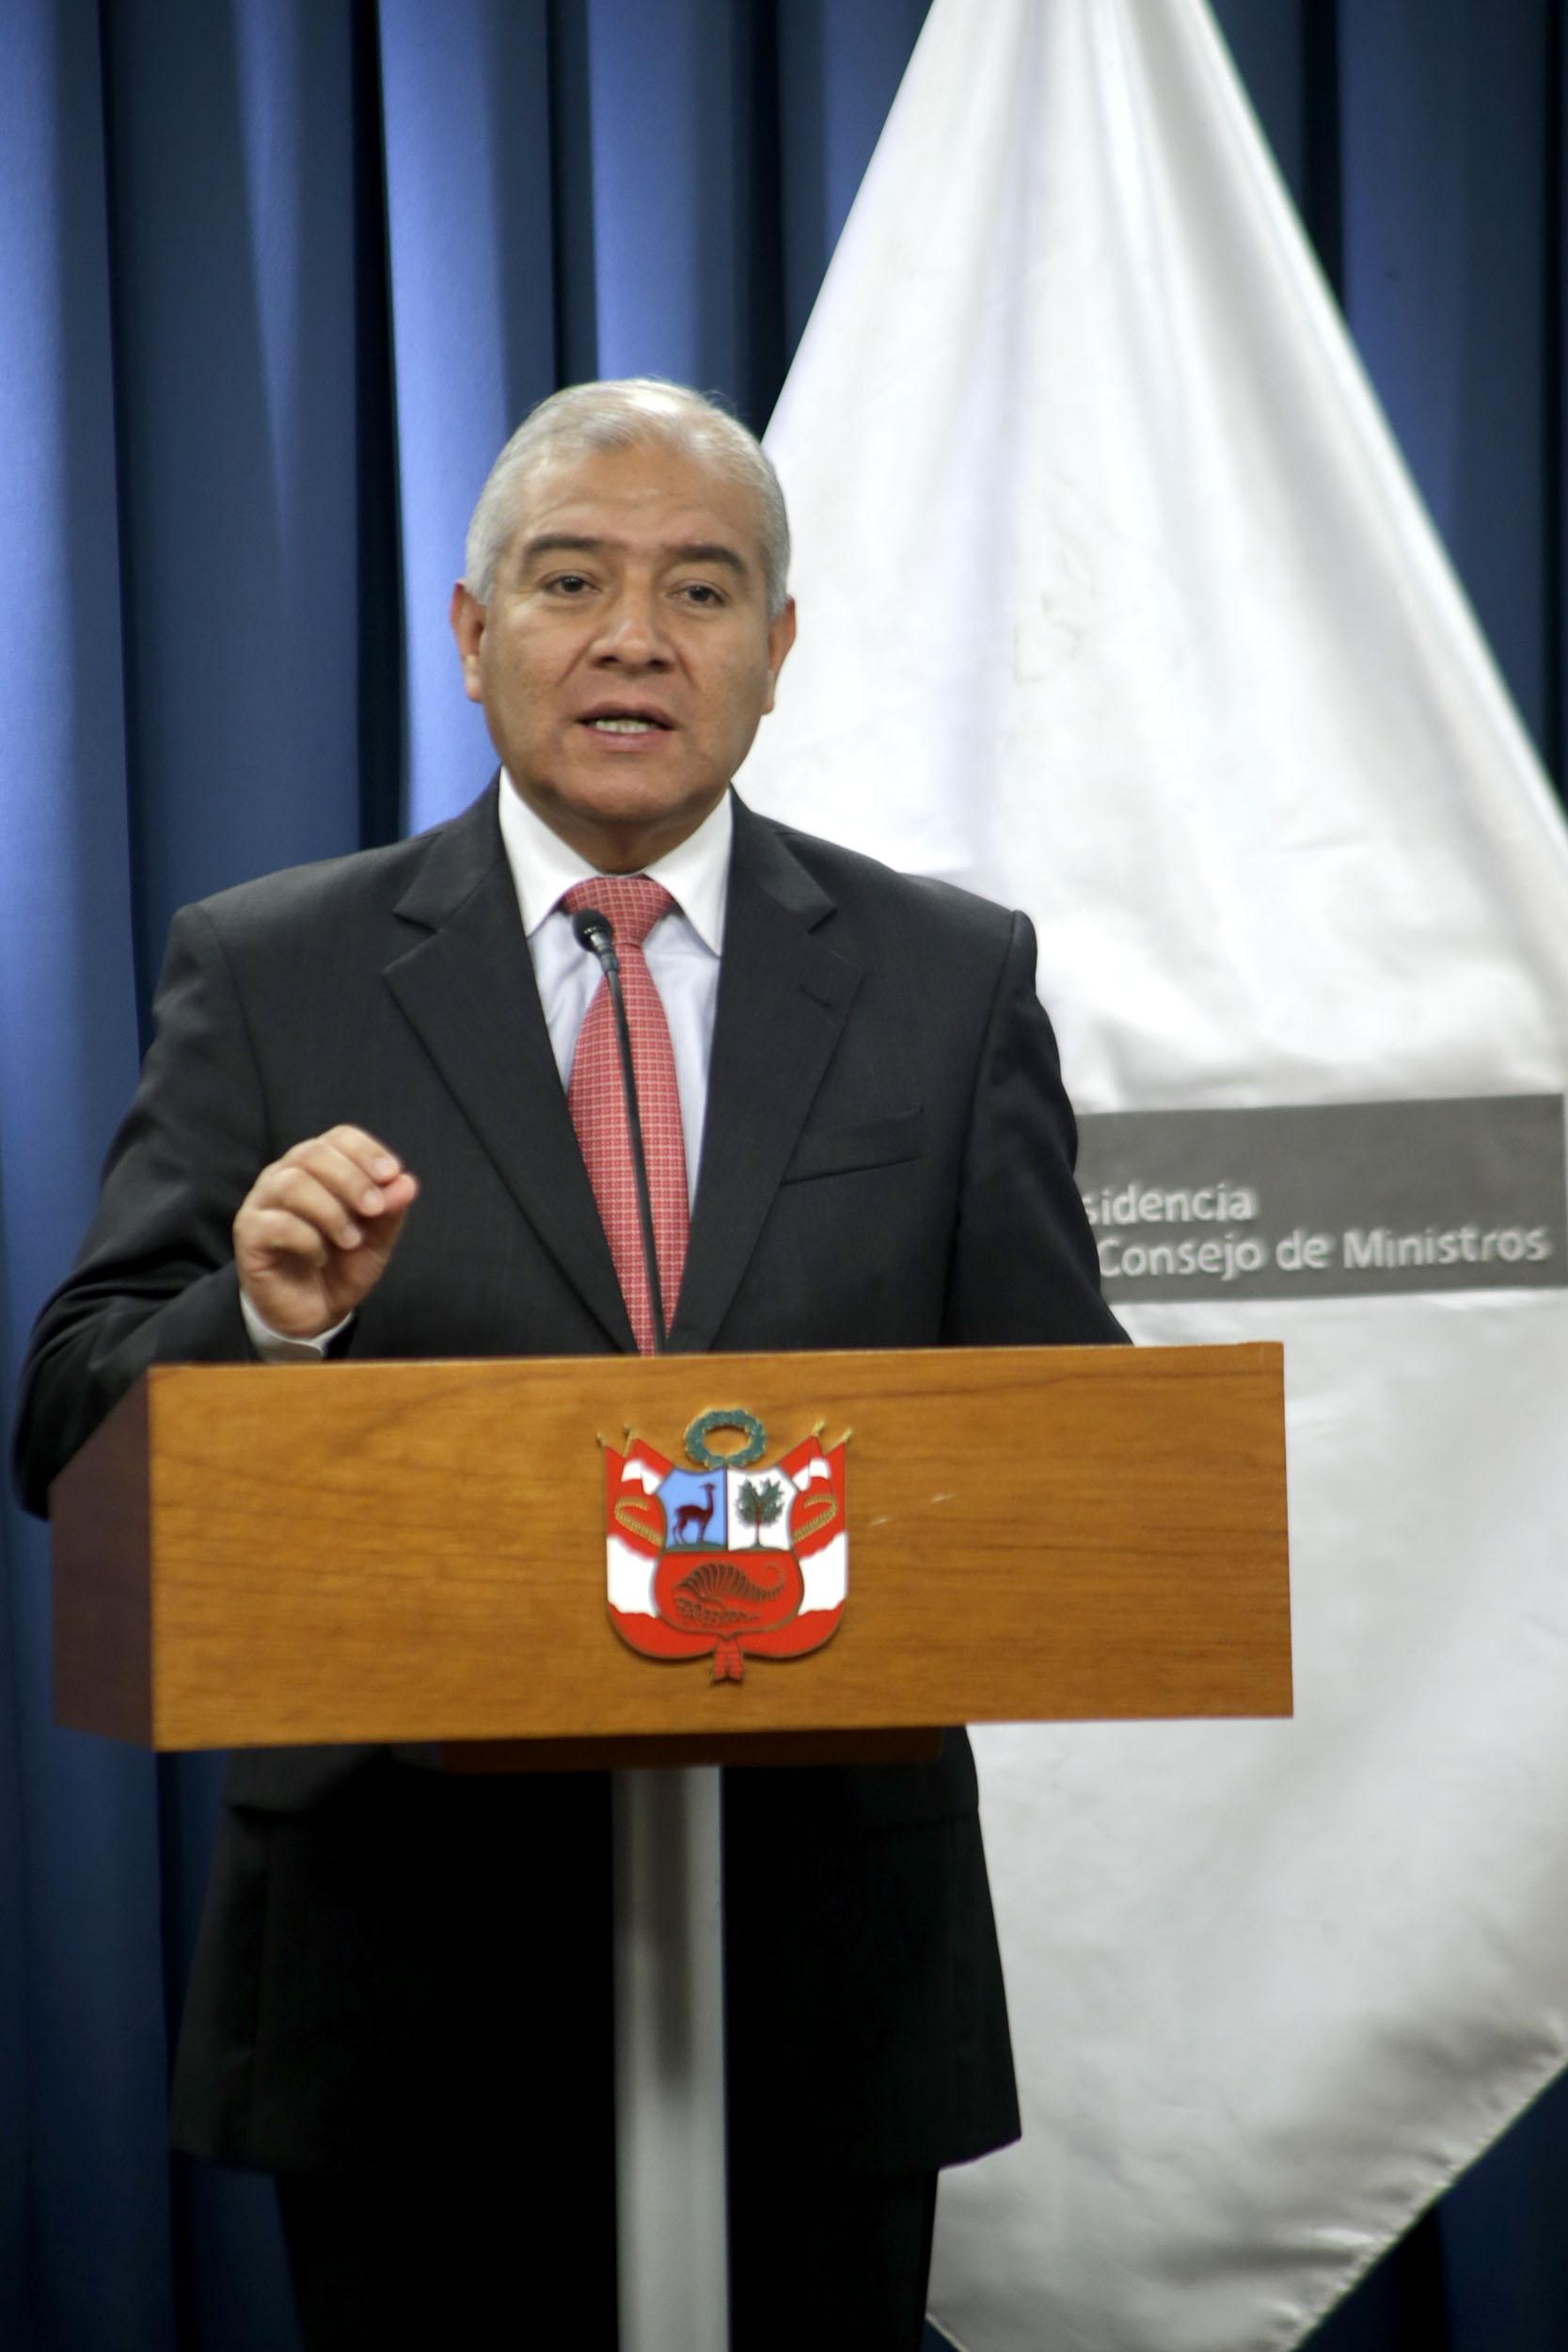 CONFERENCIA DE PRENSA EN LA PCM (8797249257).jpg Español: El primer Ministro, Juan Jimenez, el ministro de Defensa, Pedro Cateriano Bellido